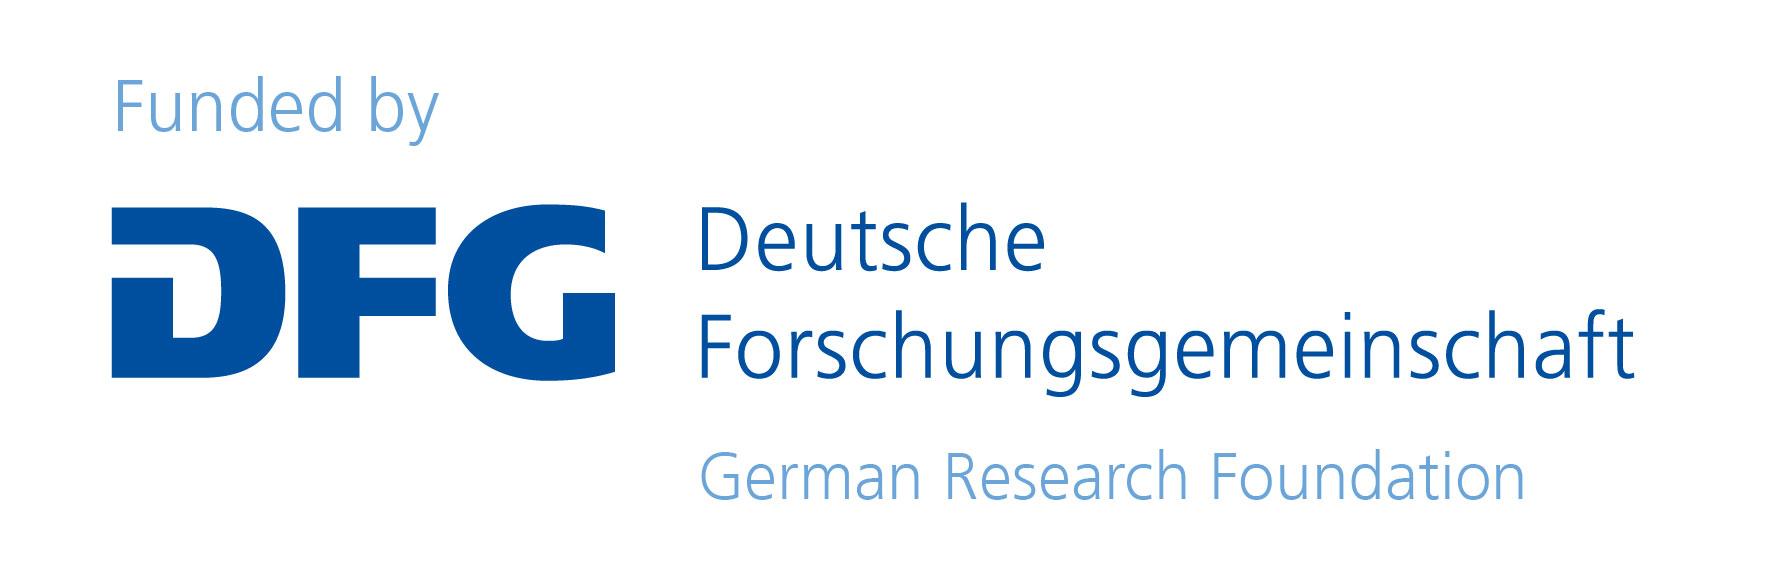 dfg_logo_schriftzug_blau_foerderung_en.jpg